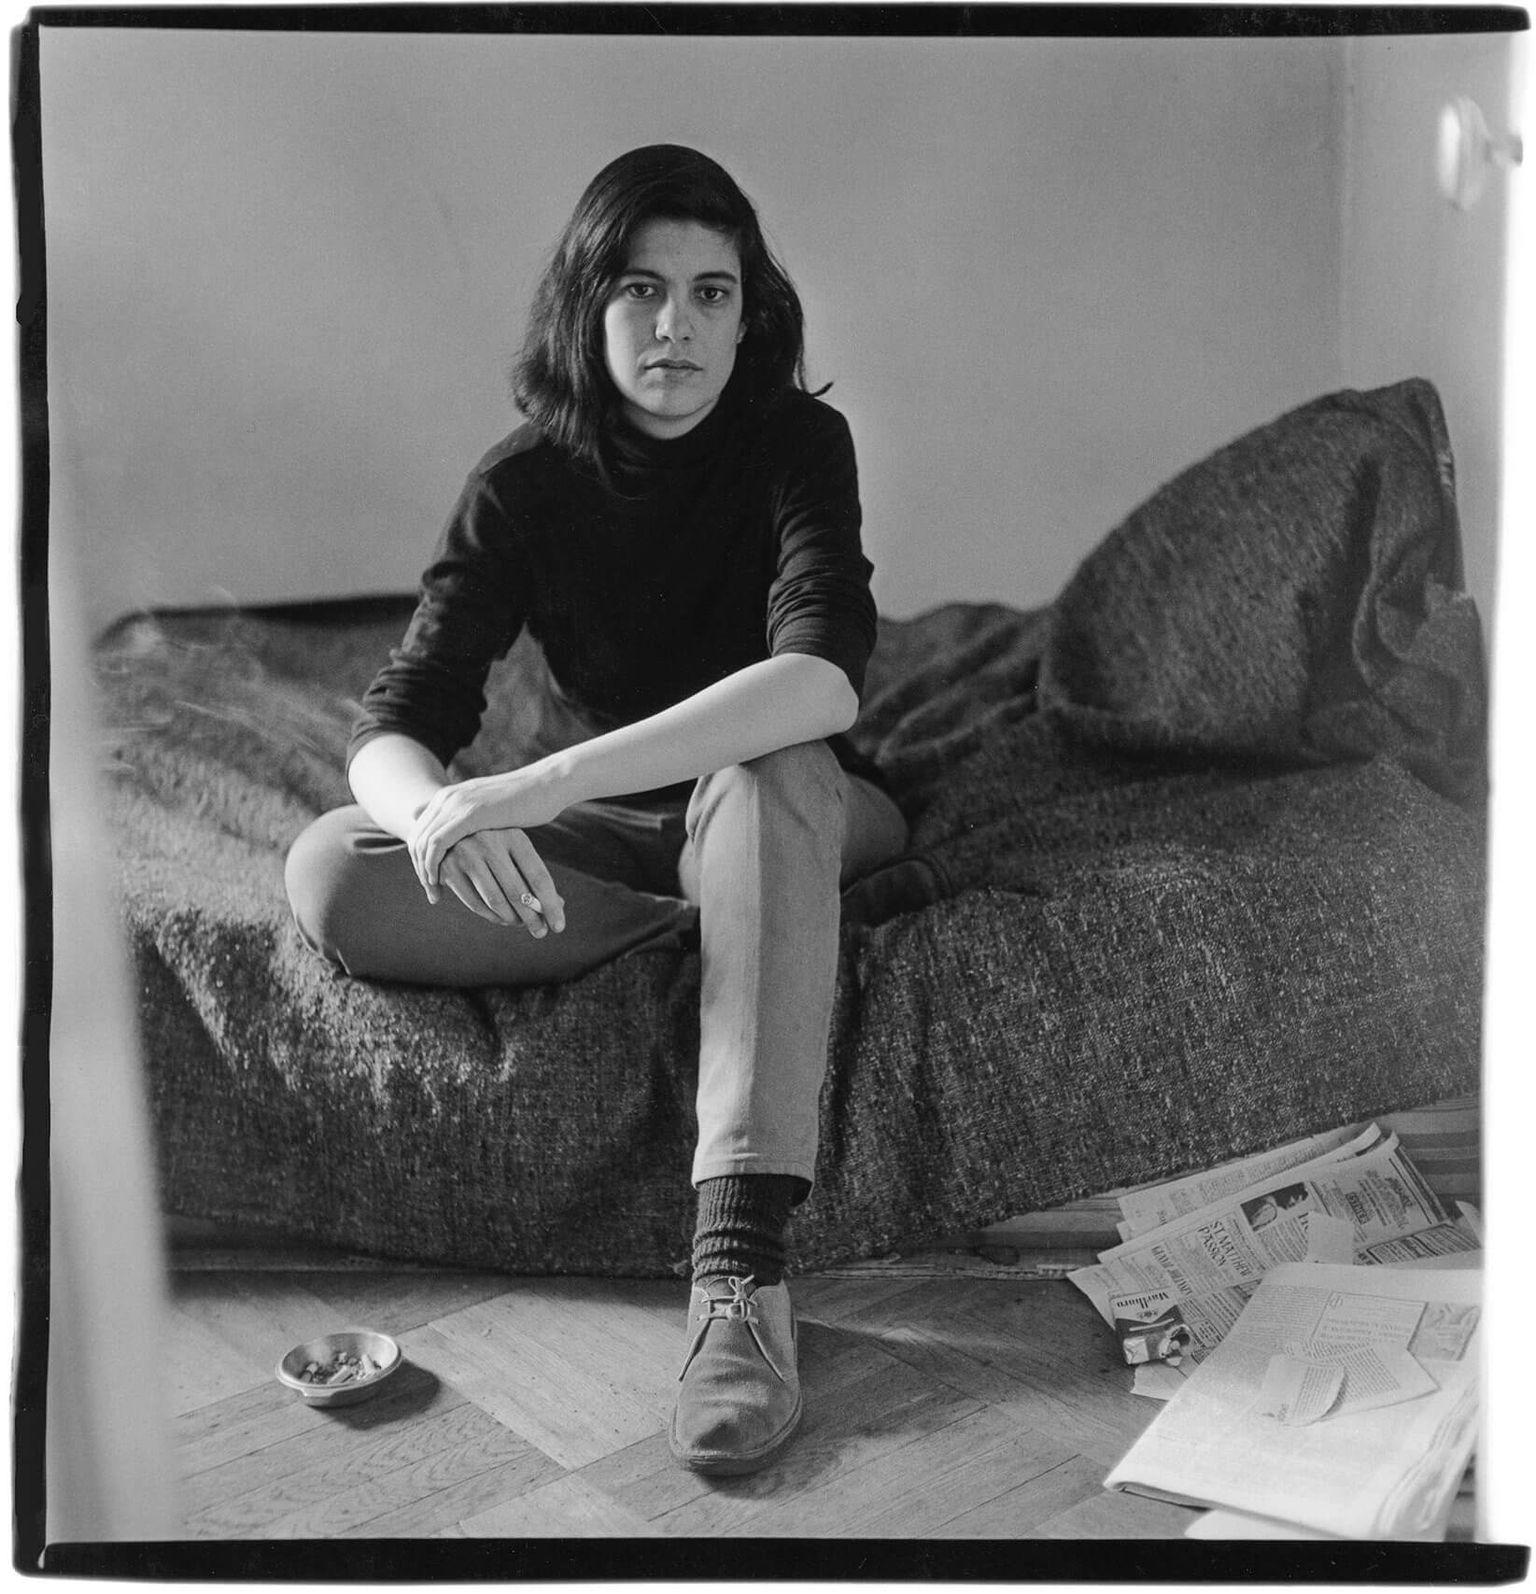 Сьюзен Сонтаг в Нью-Йорке в 1965 году. Фото: Diana Arbus / nytimes.com